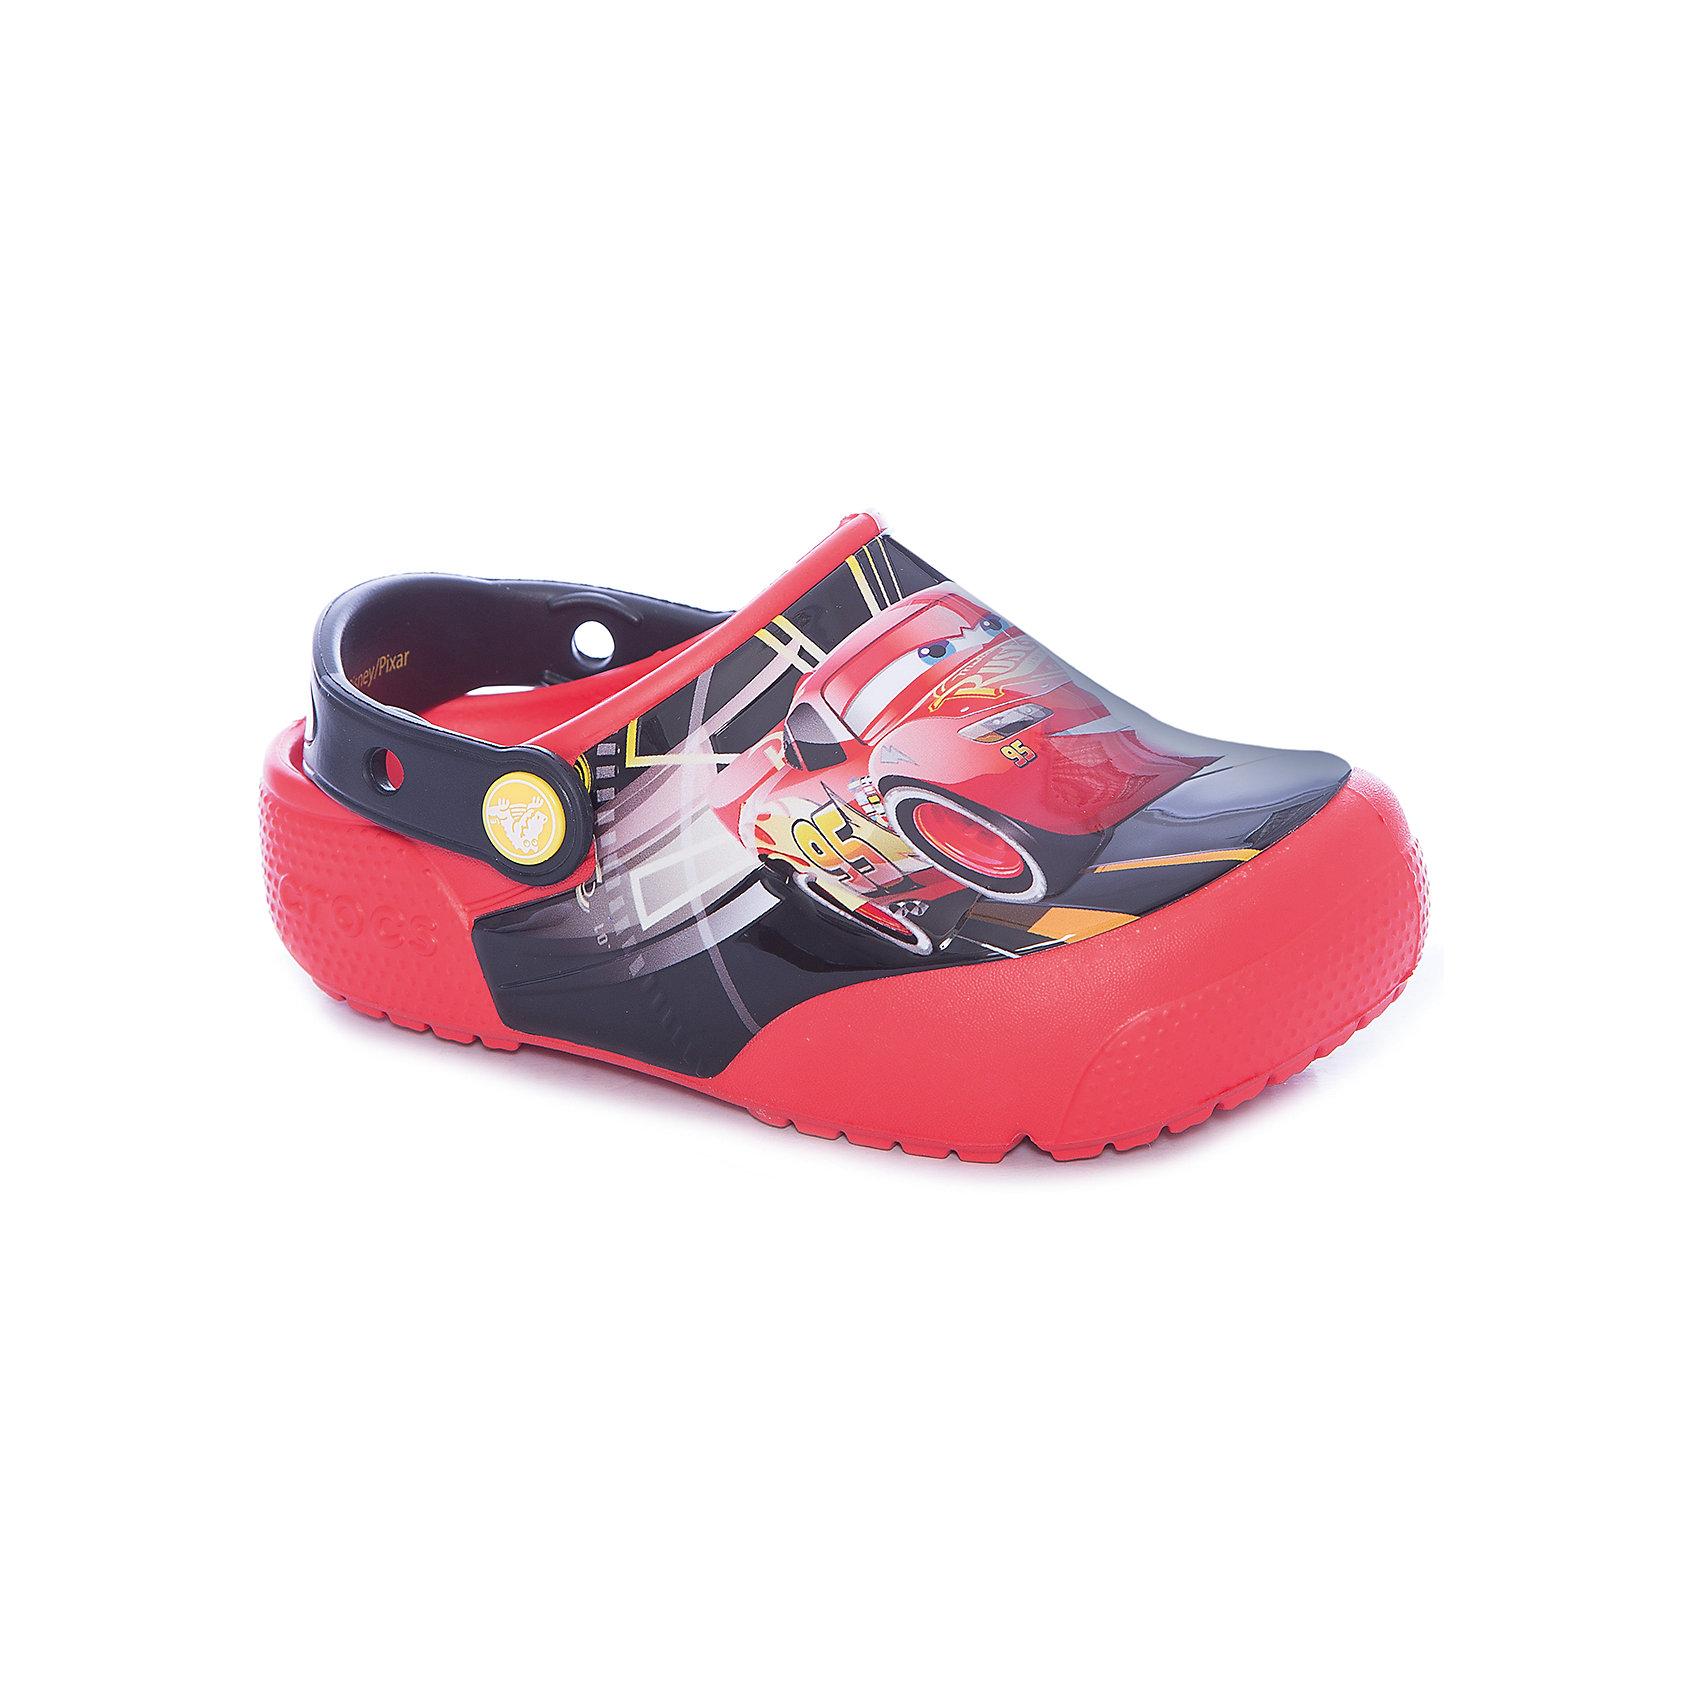 Сабо  CROCSПляжная обувь<br>Характеристики товара:<br><br>• цвет: красный<br>• материал: 100% полимер Croslite™<br>• под воздействием температуры тела принимают форму стопы<br>• полностью литая модель<br>• вентиляционные отверстия<br>• бактериостатичный материал<br>• пяточный ремешок фиксирует стопу<br>• толстая устойчивая подошва<br>• отверстия для использования украшений<br>• анатомическая стелька с массажными точками стимулирует кровообращение<br>• страна бренда: США<br>• страна изготовитель: Китай<br><br>Для правильного развития ребенка крайне важно, чтобы обувь была удобной. Такие сабо обеспечивают детям необходимый комфорт, а анатомическая стелька с массажными линиями для стимуляции кровообращения позволяет ножкам дольше не уставать. Сабо легко надеваются и снимаются, отлично сидят на ноге. Материал, из которого они сделаны, не дает размножаться бактериям, поэтому такая обувь препятствует образованию неприятного запаха и появлению болезней стоп.<br>Обувь от американского бренда Crocs в данный момент завоевала широкую популярность во всем мире, и это не удивительно - ведь она невероятно удобна. Её носят врачи, спортсмены, звёзды шоу-бизнеса, люди, которым много времени приходится бывать на ногах - они понимают, как важна комфортная обувь. Продукция Crocs - это качественные товары, созданные с применением новейших технологий. Обувь отличается стильным дизайном и продуманной конструкцией. Изделие производится из качественных и проверенных материалов, которые безопасны для детей.<br><br>Сабо Kids Classic от торговой марки Crocs можно купить в нашем интернет-магазине.<br><br>Ширина мм: 225<br>Глубина мм: 139<br>Высота мм: 112<br>Вес г: 290<br>Цвет: красный<br>Возраст от месяцев: 132<br>Возраст до месяцев: 144<br>Пол: Унисекс<br>Возраст: Детский<br>Размер: 34/35,27,28,29,30,21,22,23,24,25,26,31/32,33/34<br>SKU: 5416976